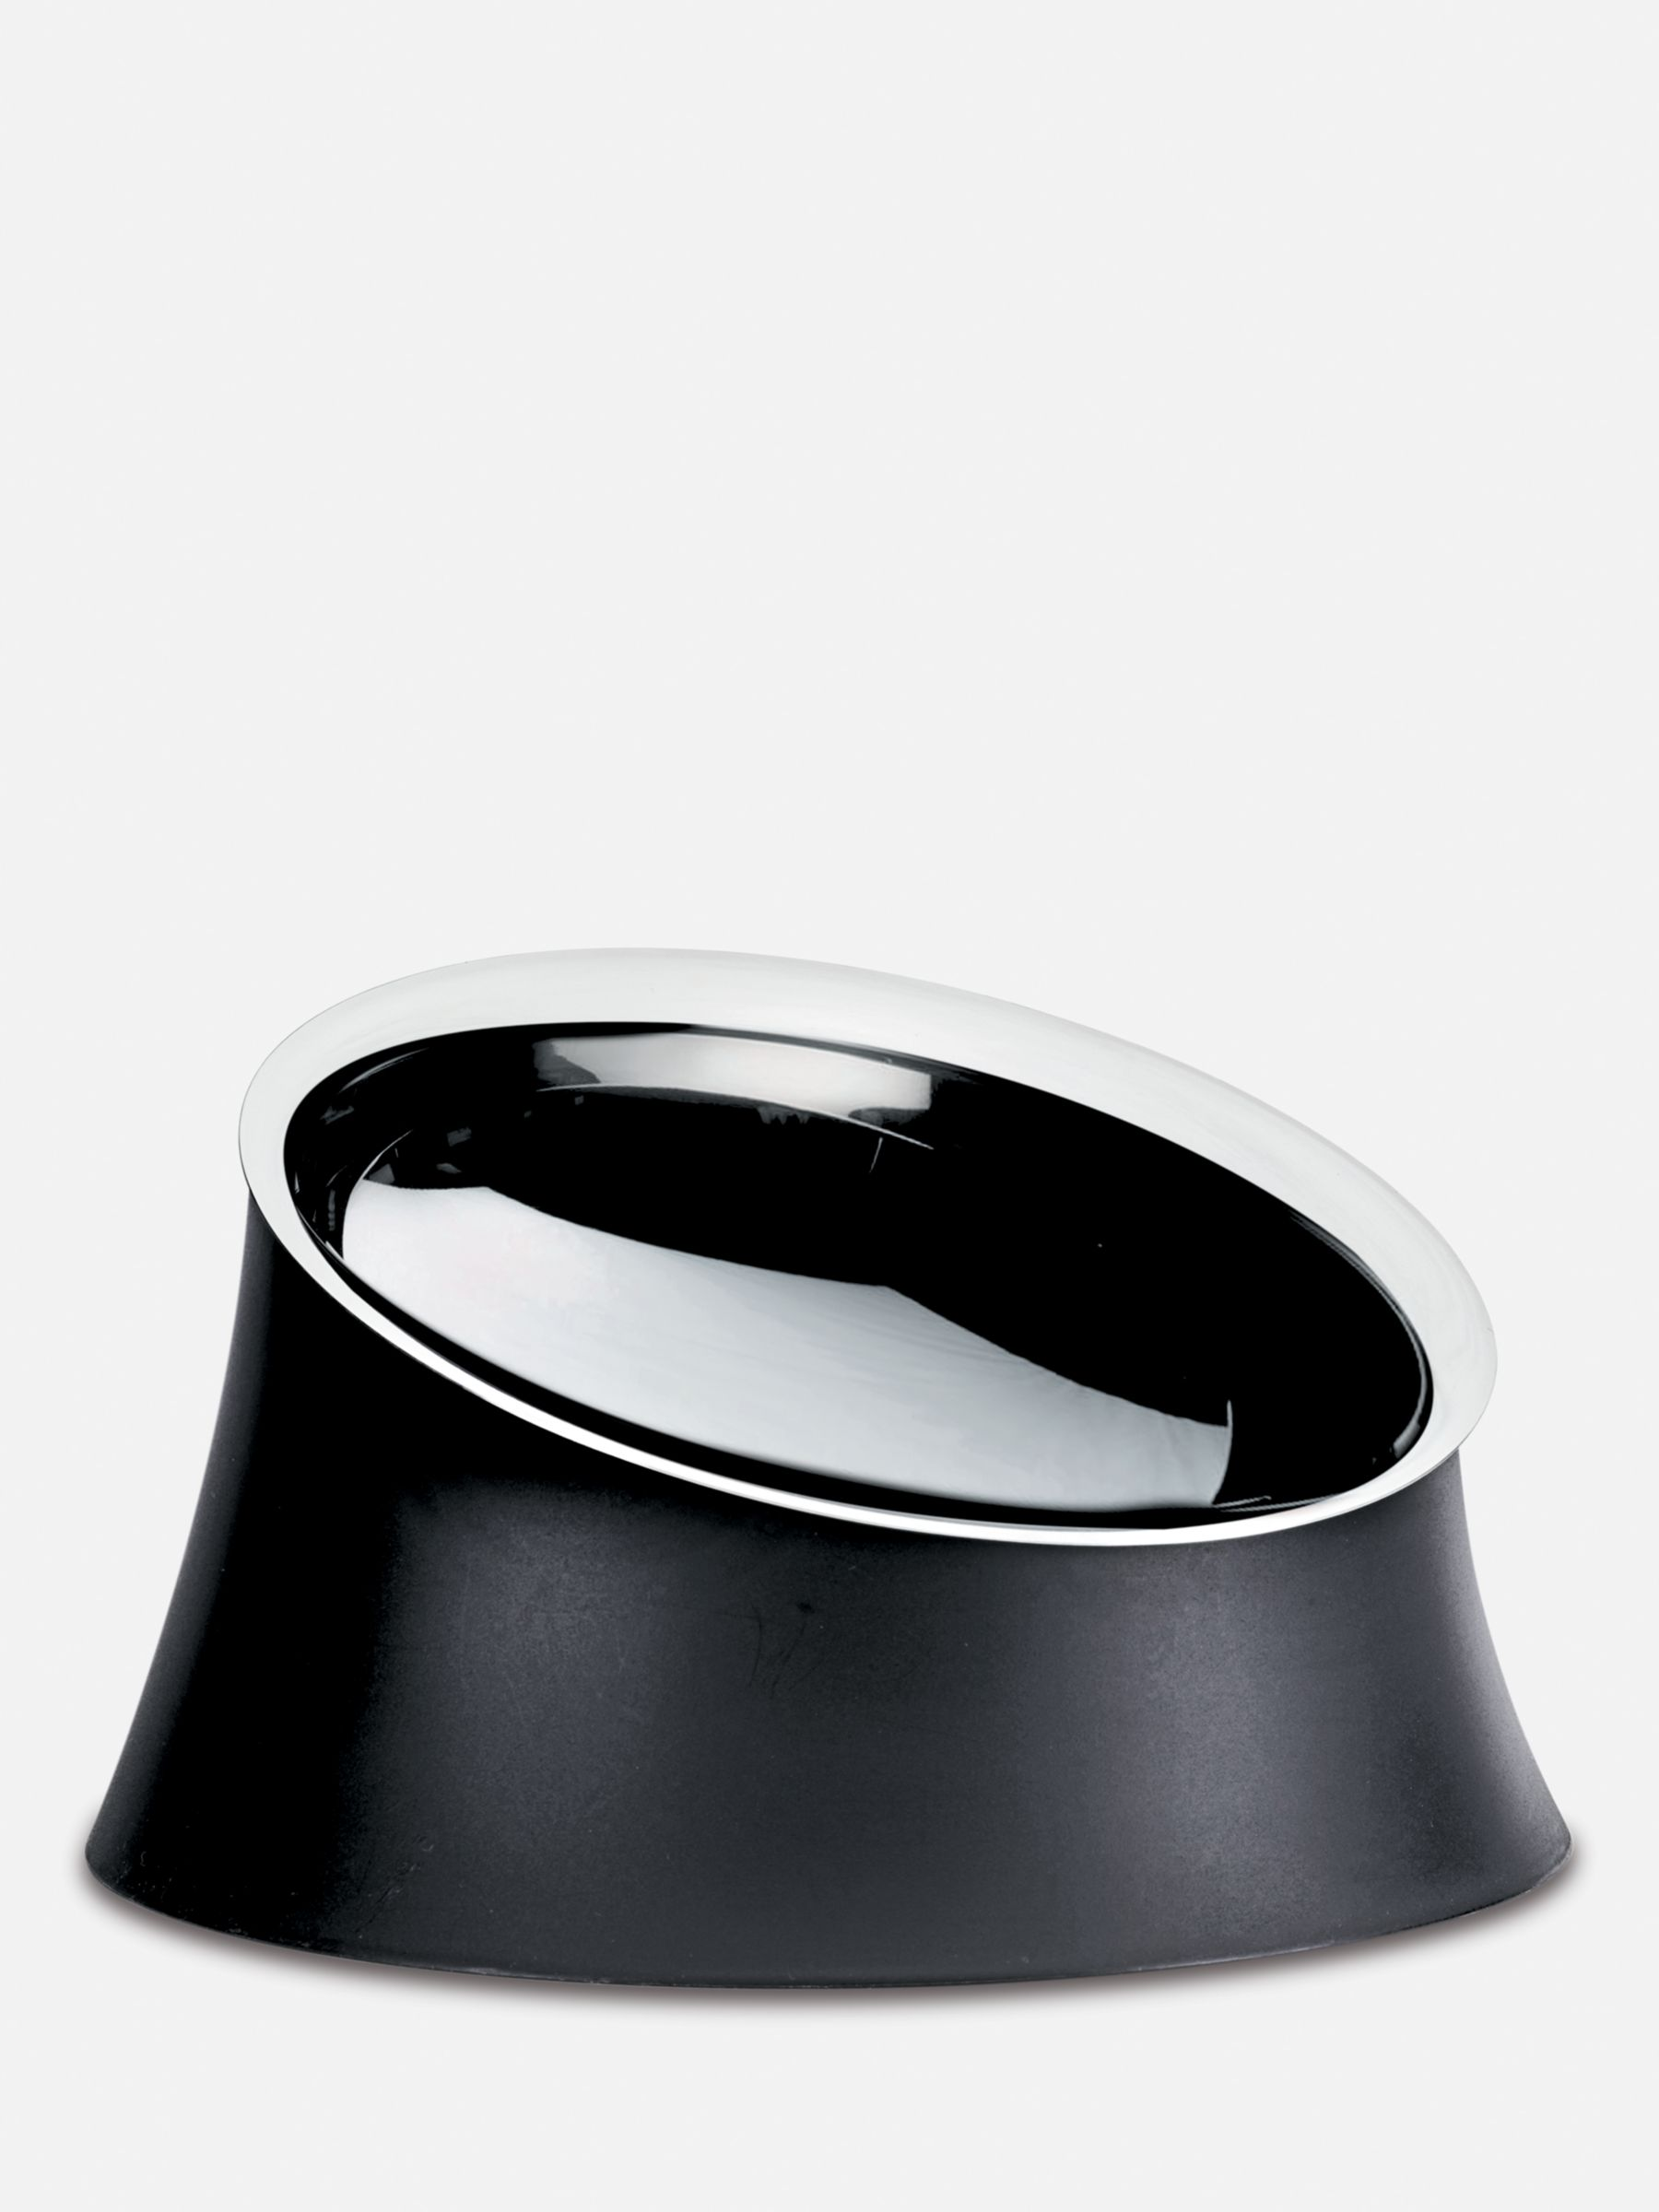 Alessi Dog Food Bowl, Large, Black